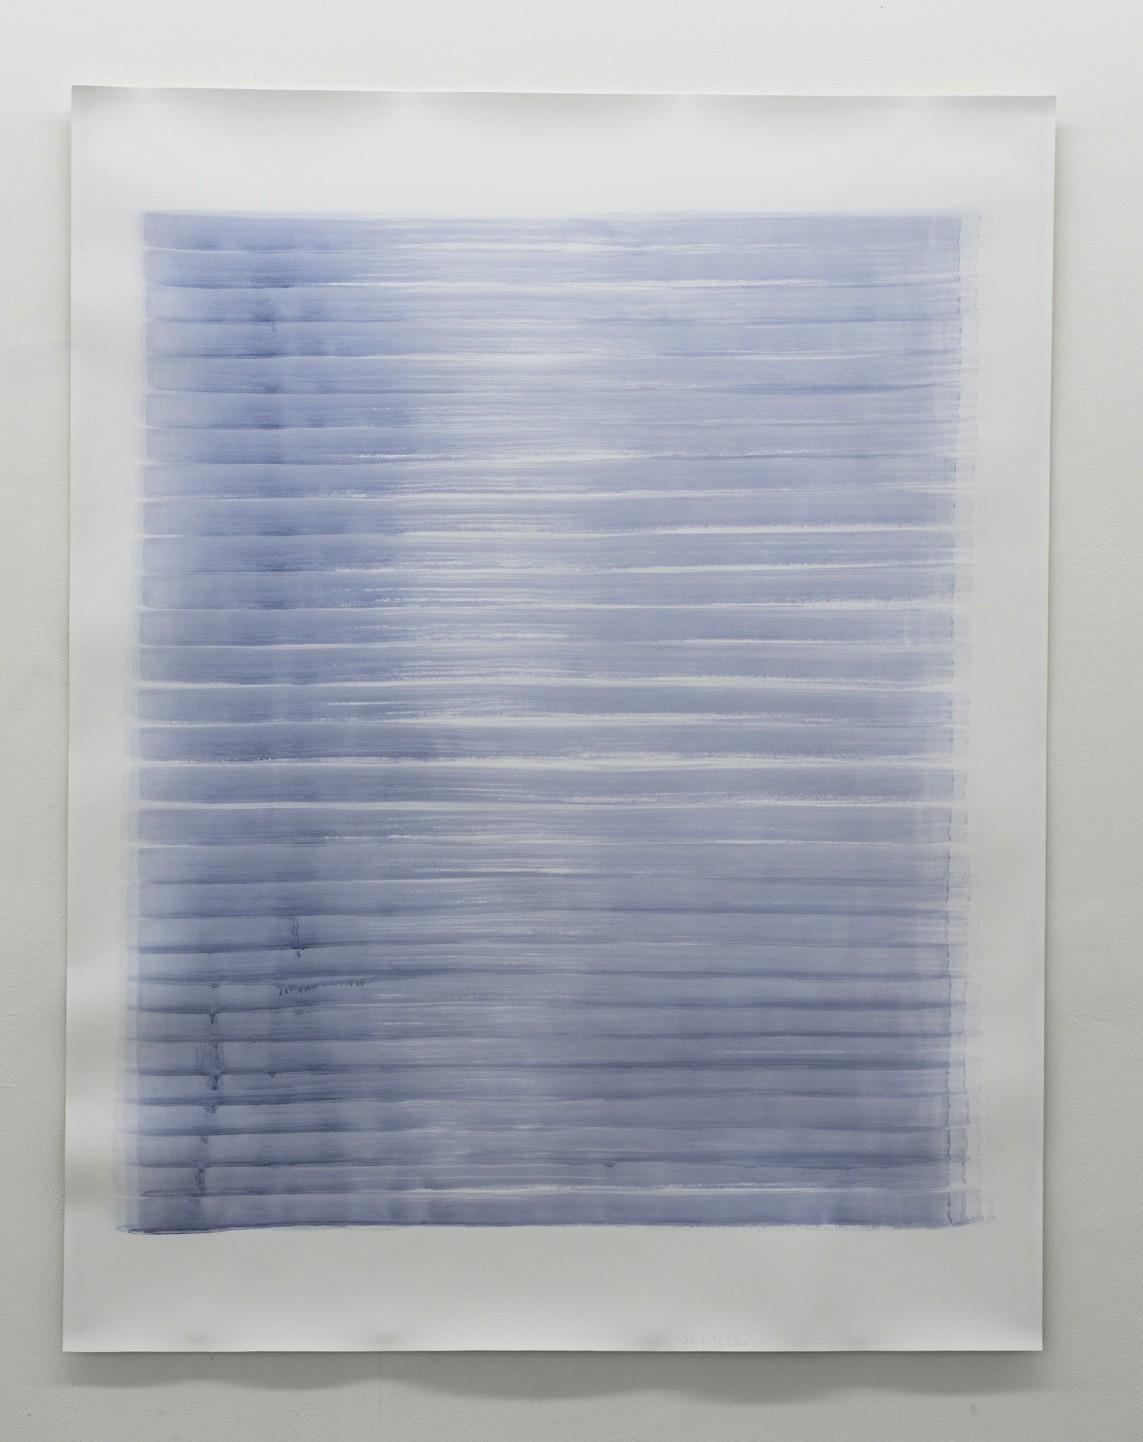 o.T. (31.1.16), Aquarell auf Papier, 2016, 195 x 152 cm